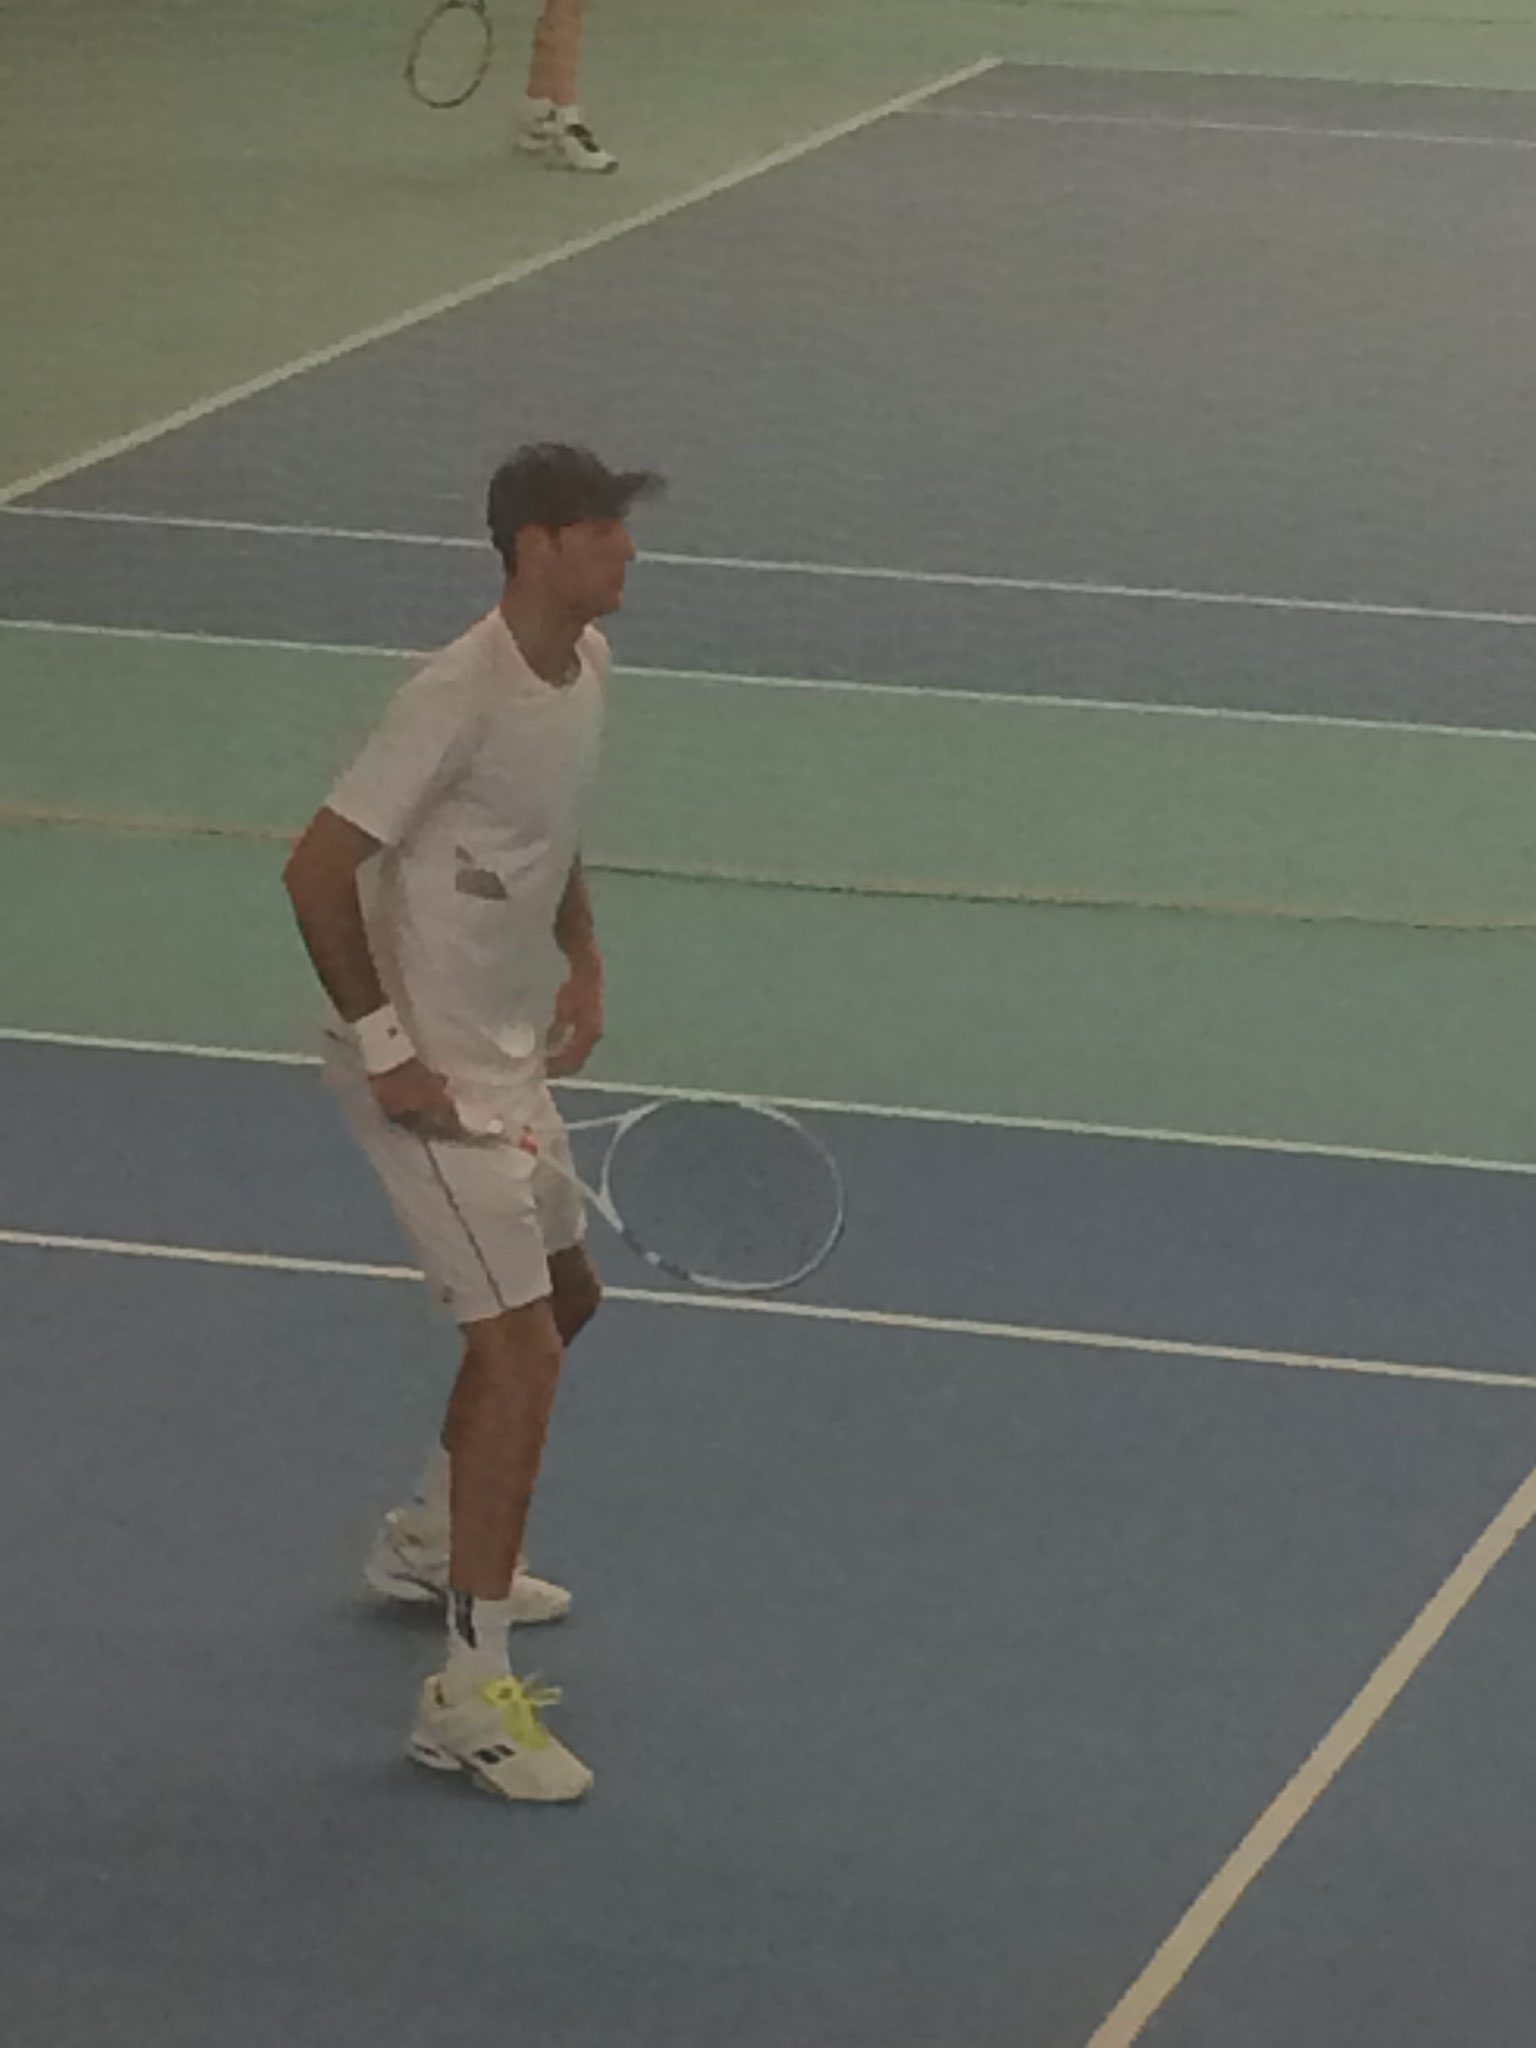 Erster Gegner, A. C. Parker, Jg 99, ca. 1.90 gross, Nr. 490 ITF / 1654 ATP